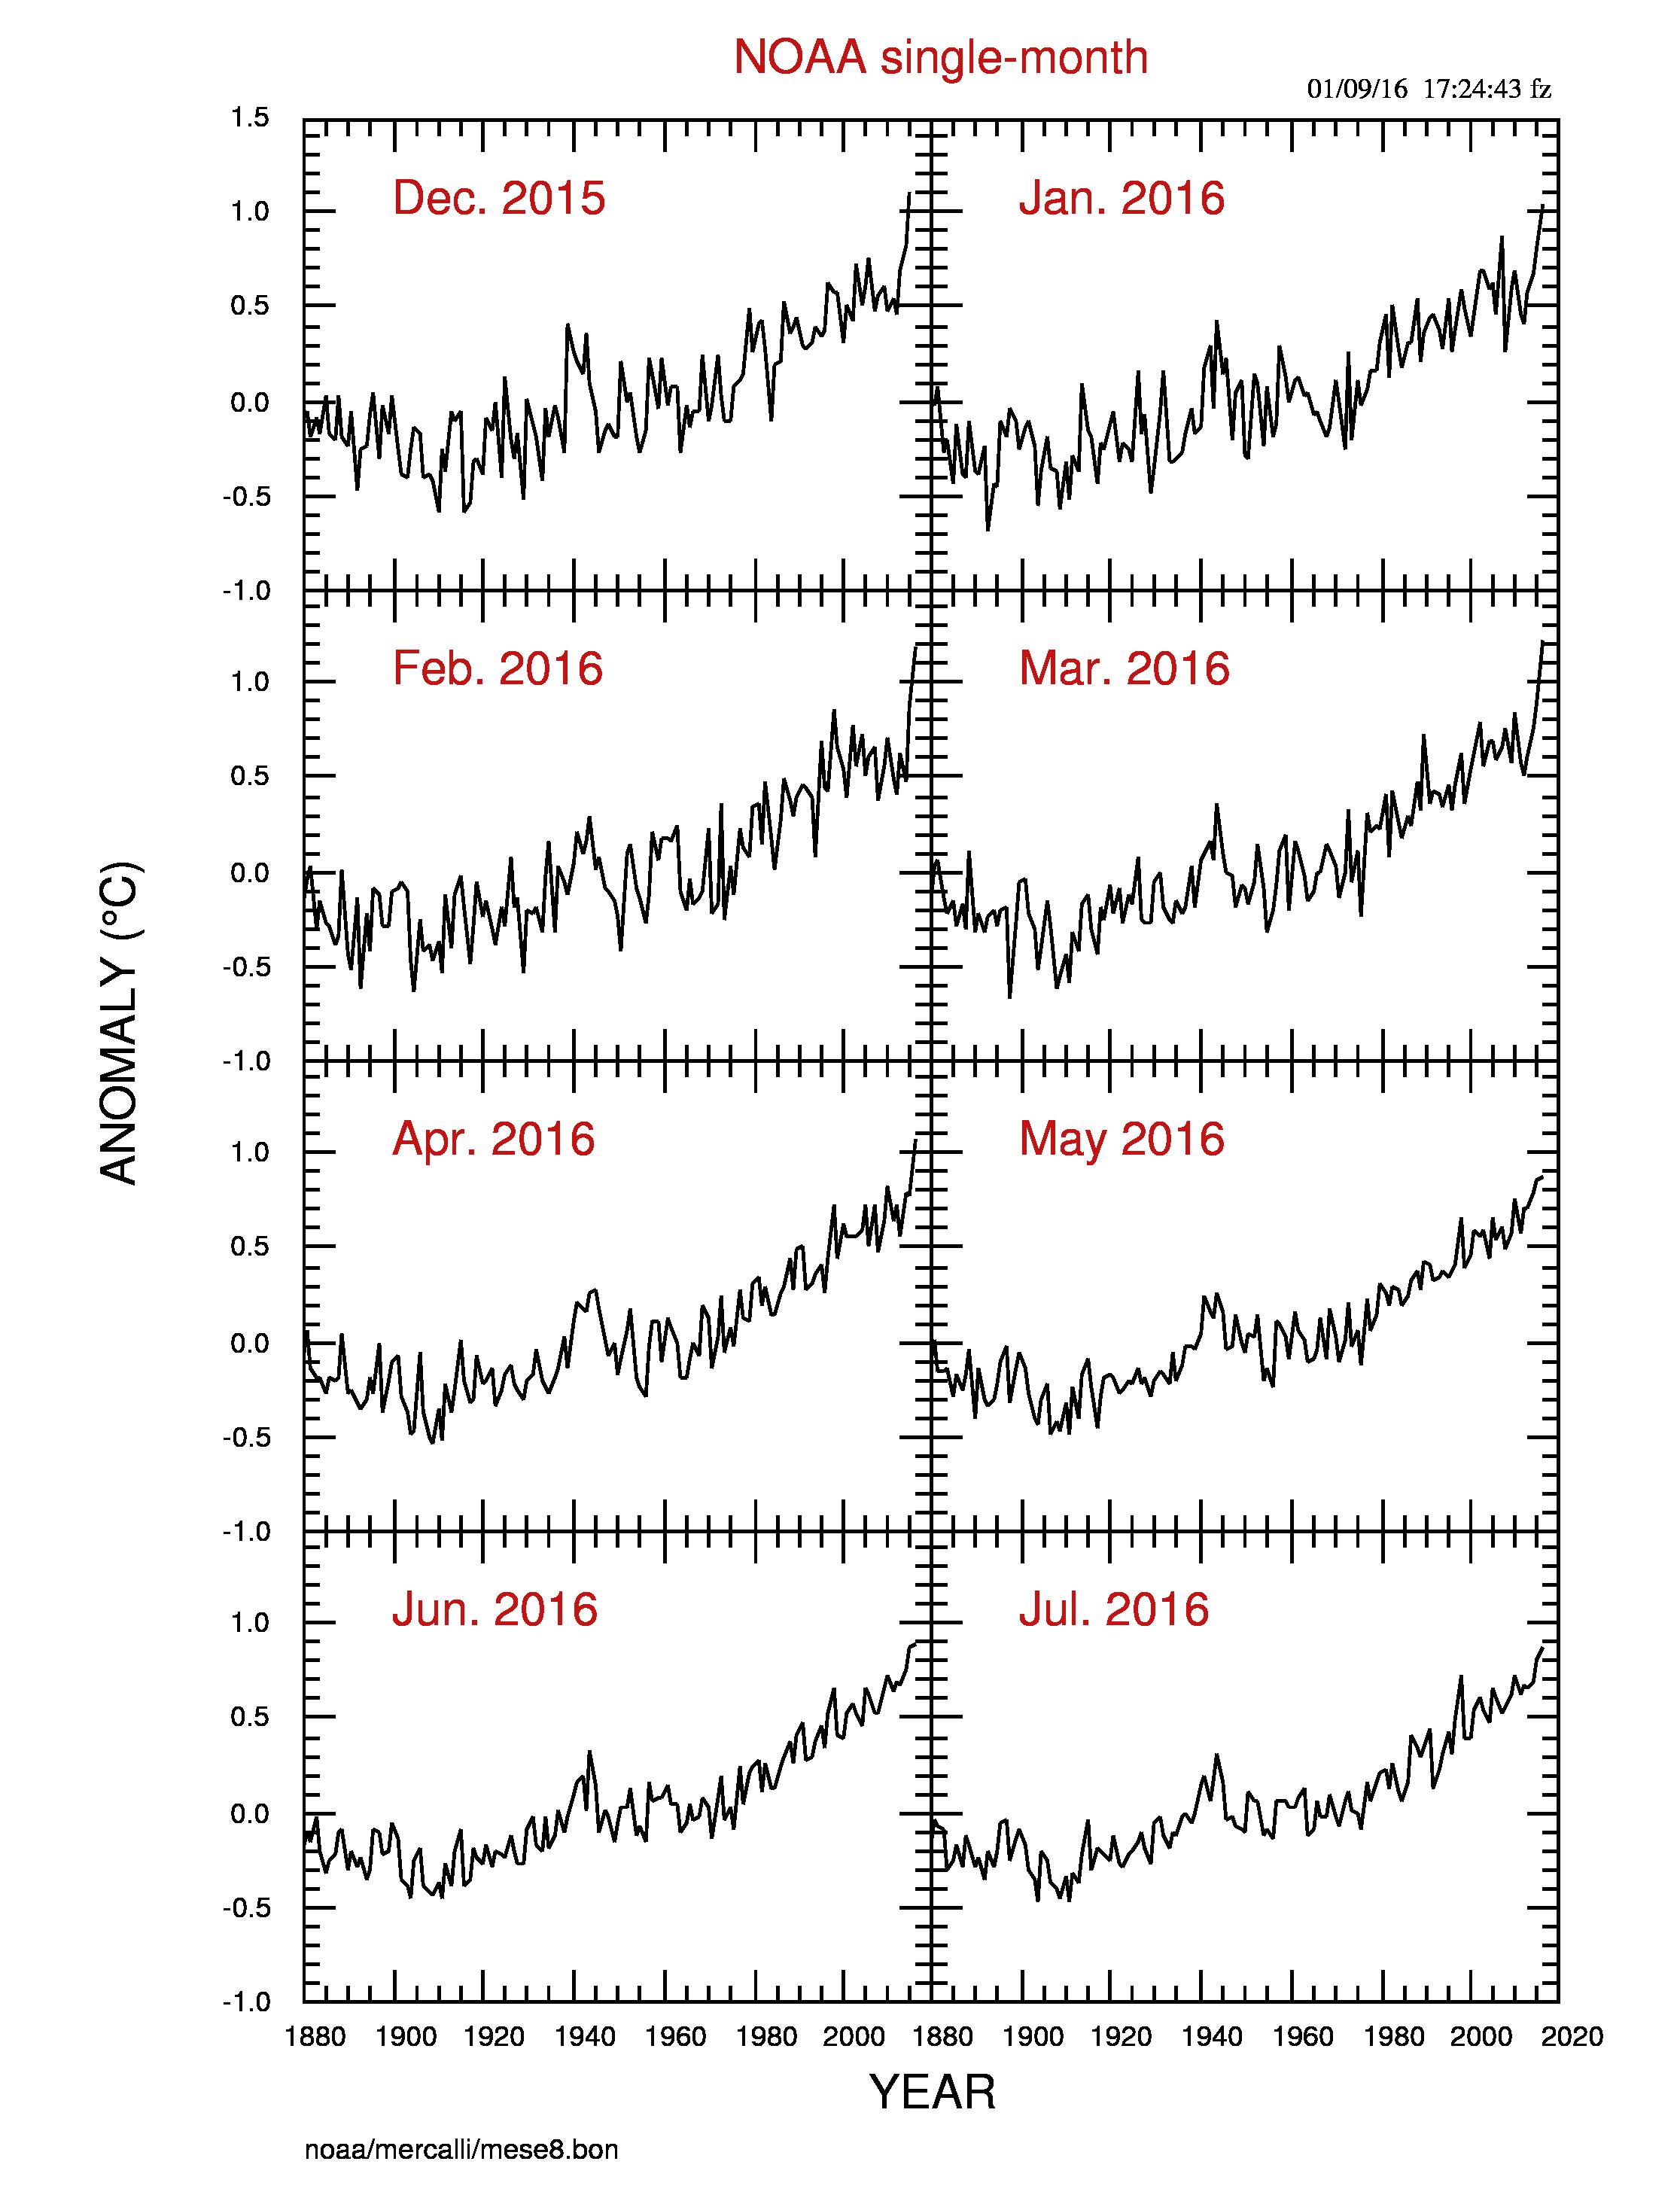 Figura: gli ultimi 8 mesi del dataset NOAA, graficati insieme per confronto. Da notare che a giugno e luglio 2016 le differenze sono diminuite rispetto a febbraio e marzo, i mesi di picco di El Niño.